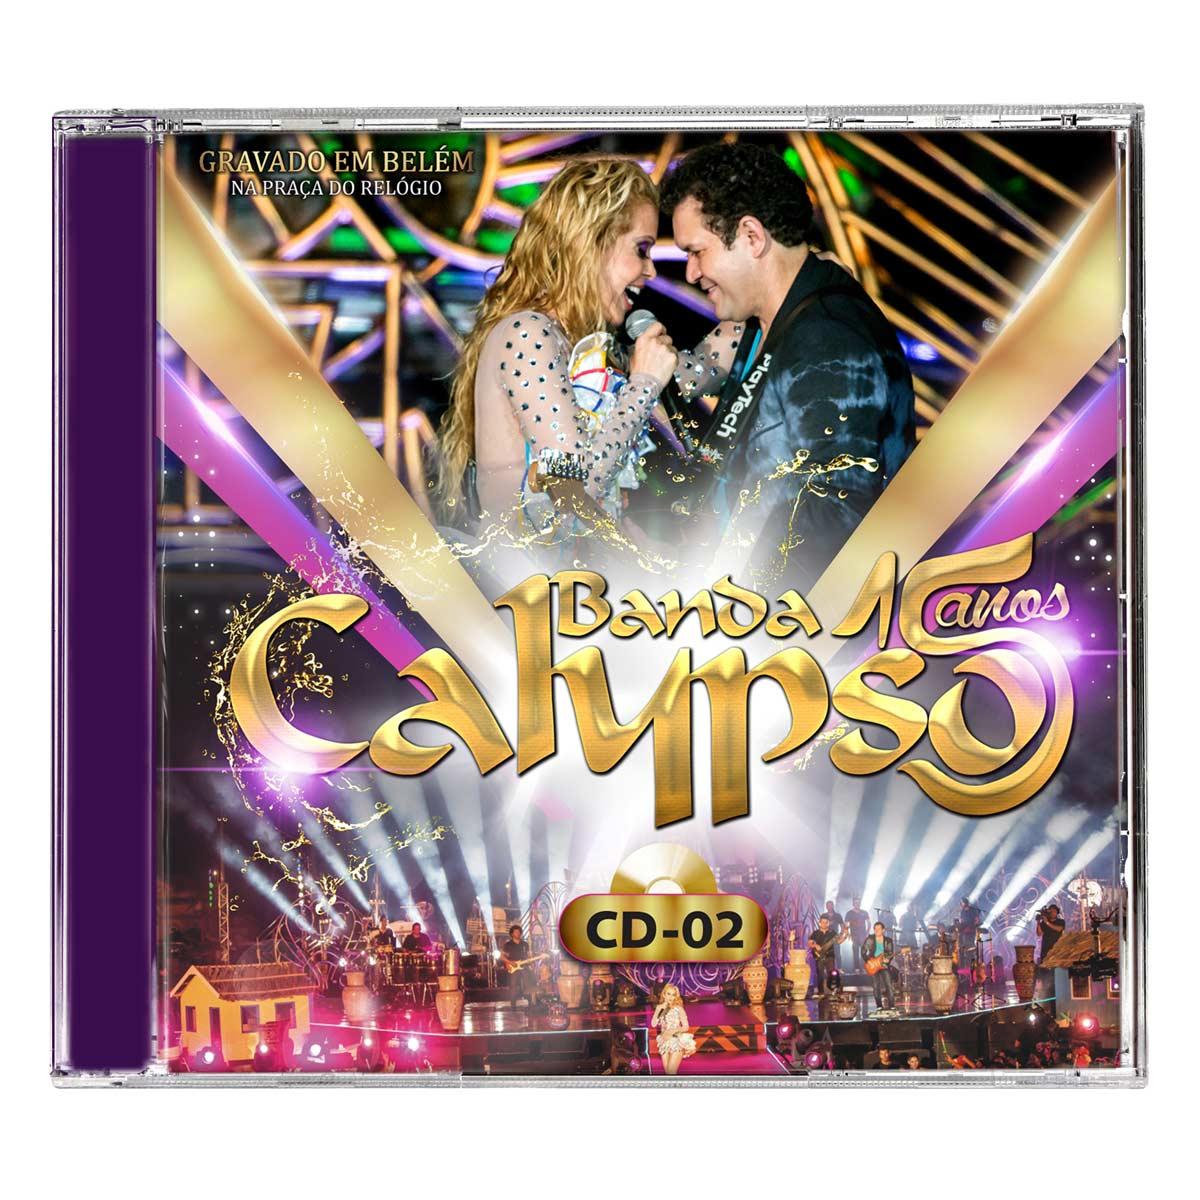 CD Calypso 15 Anos Vol. 2